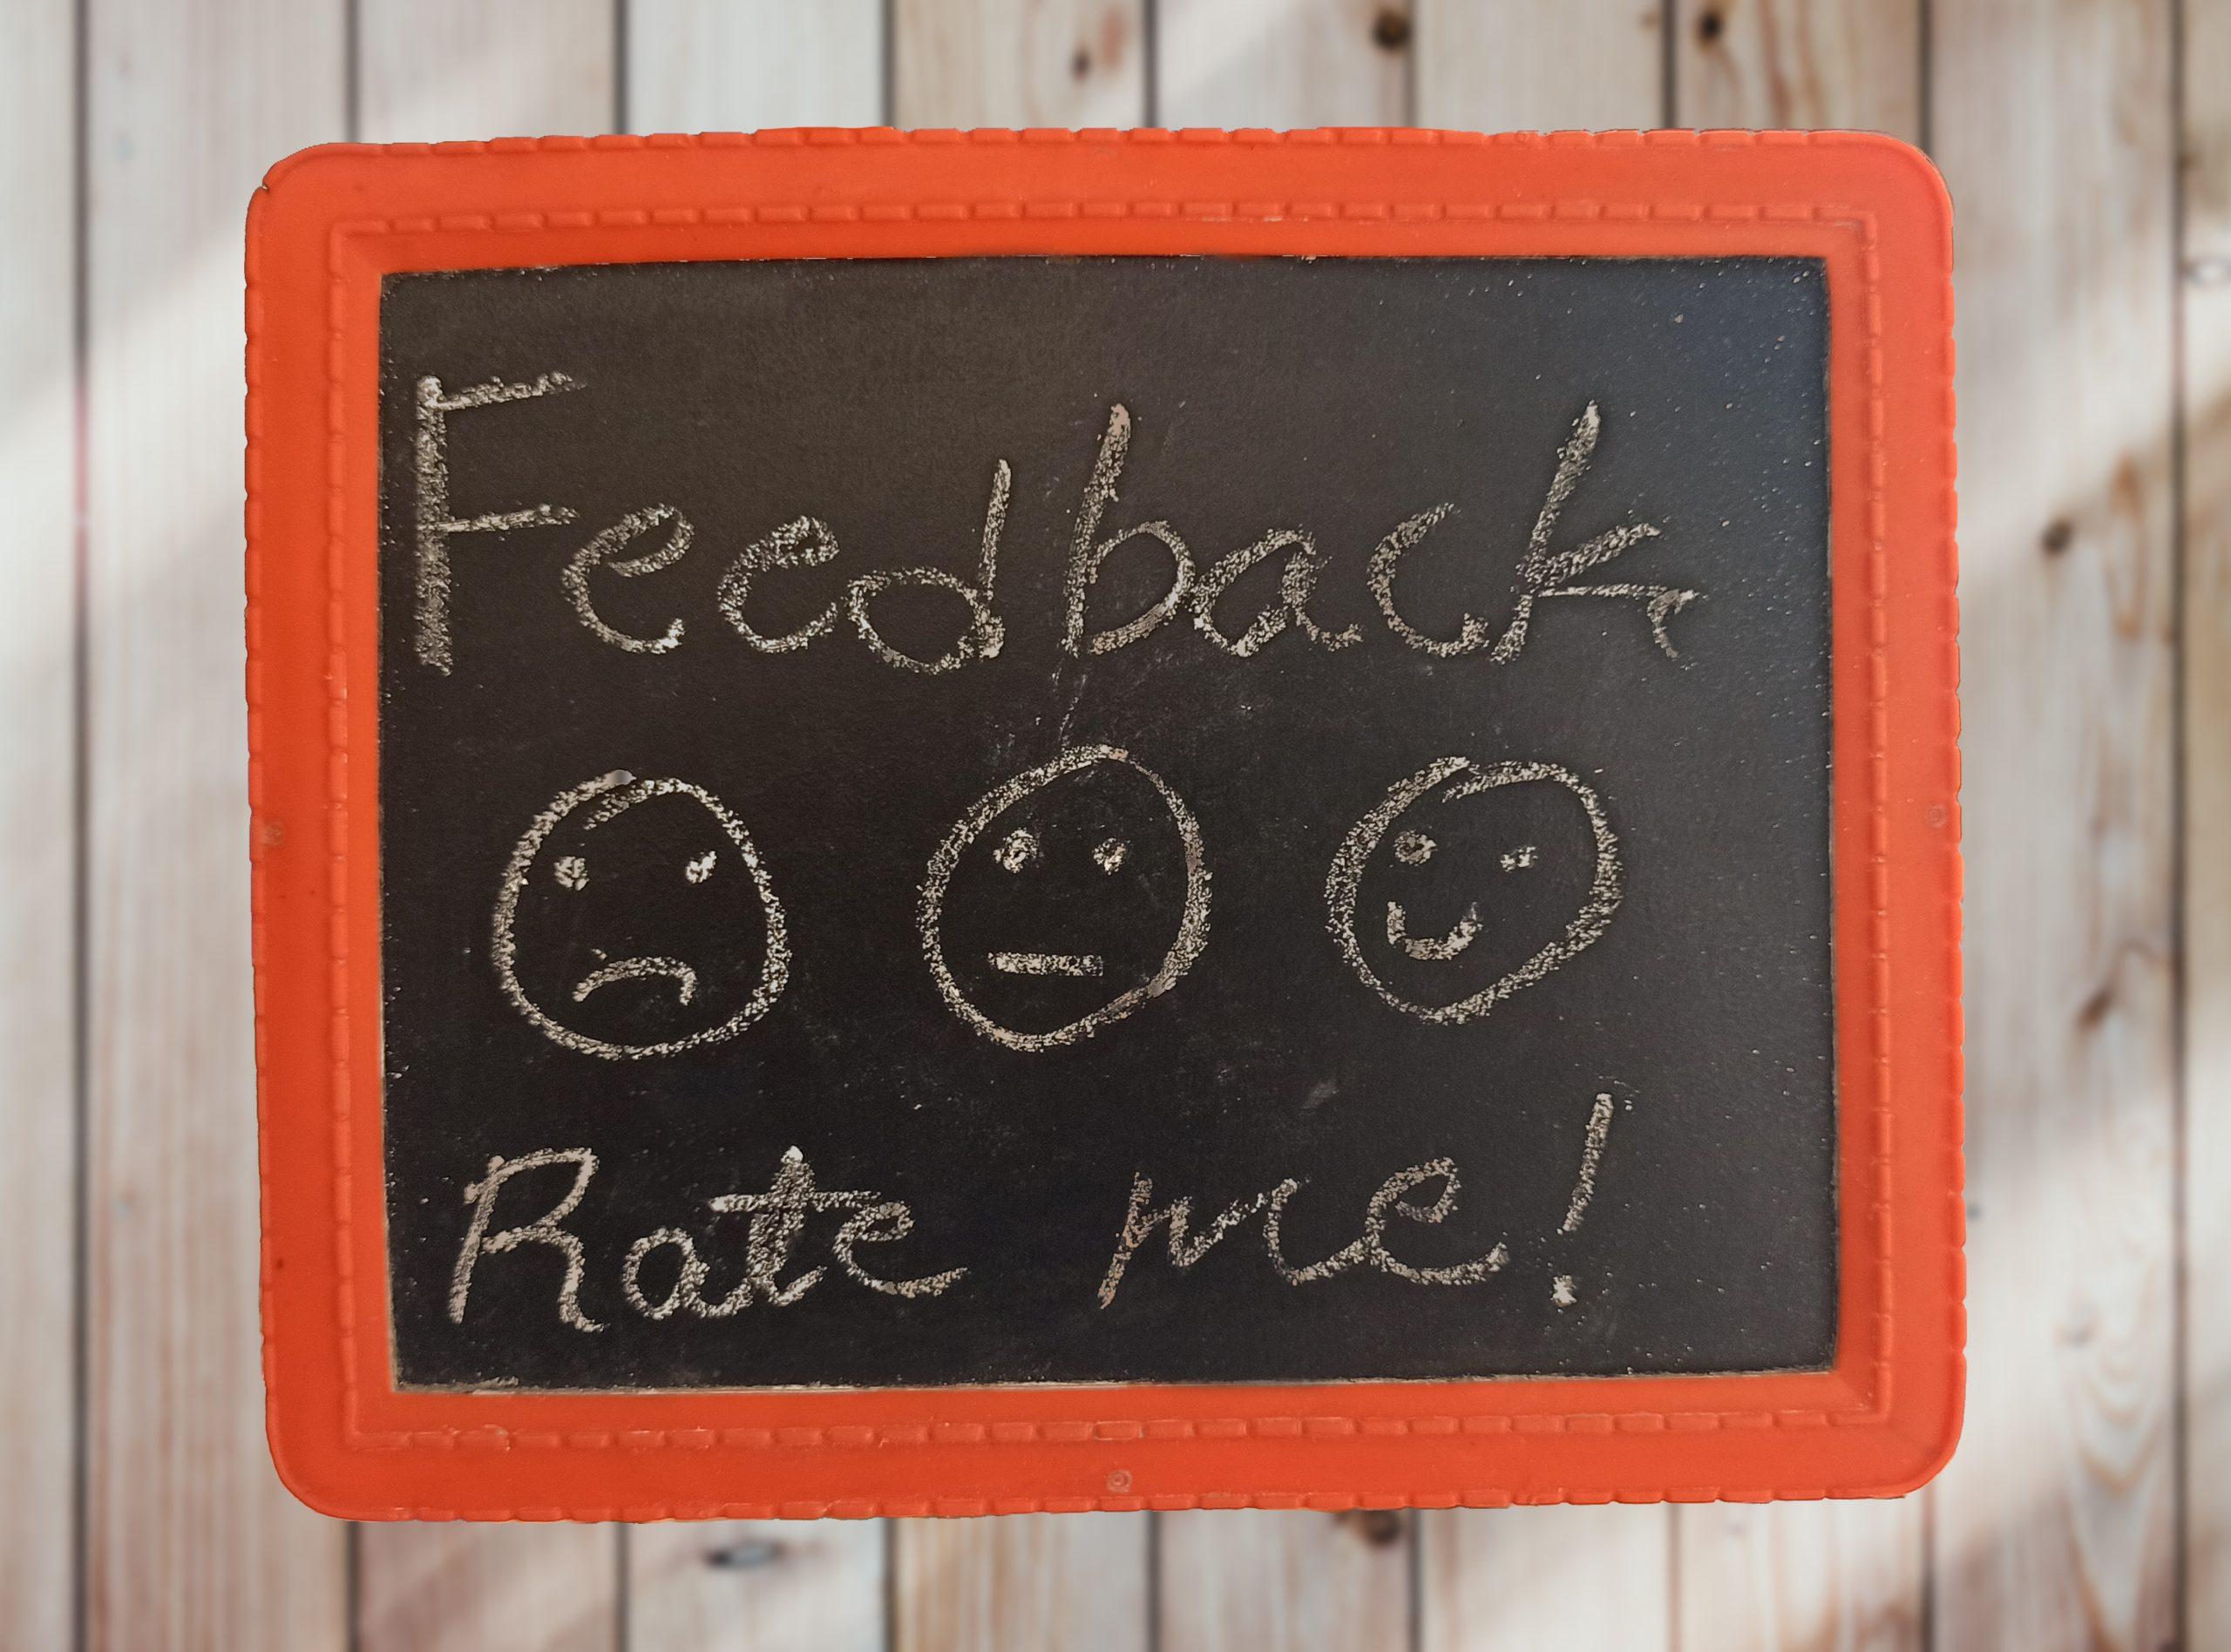 Feedback written on a black board